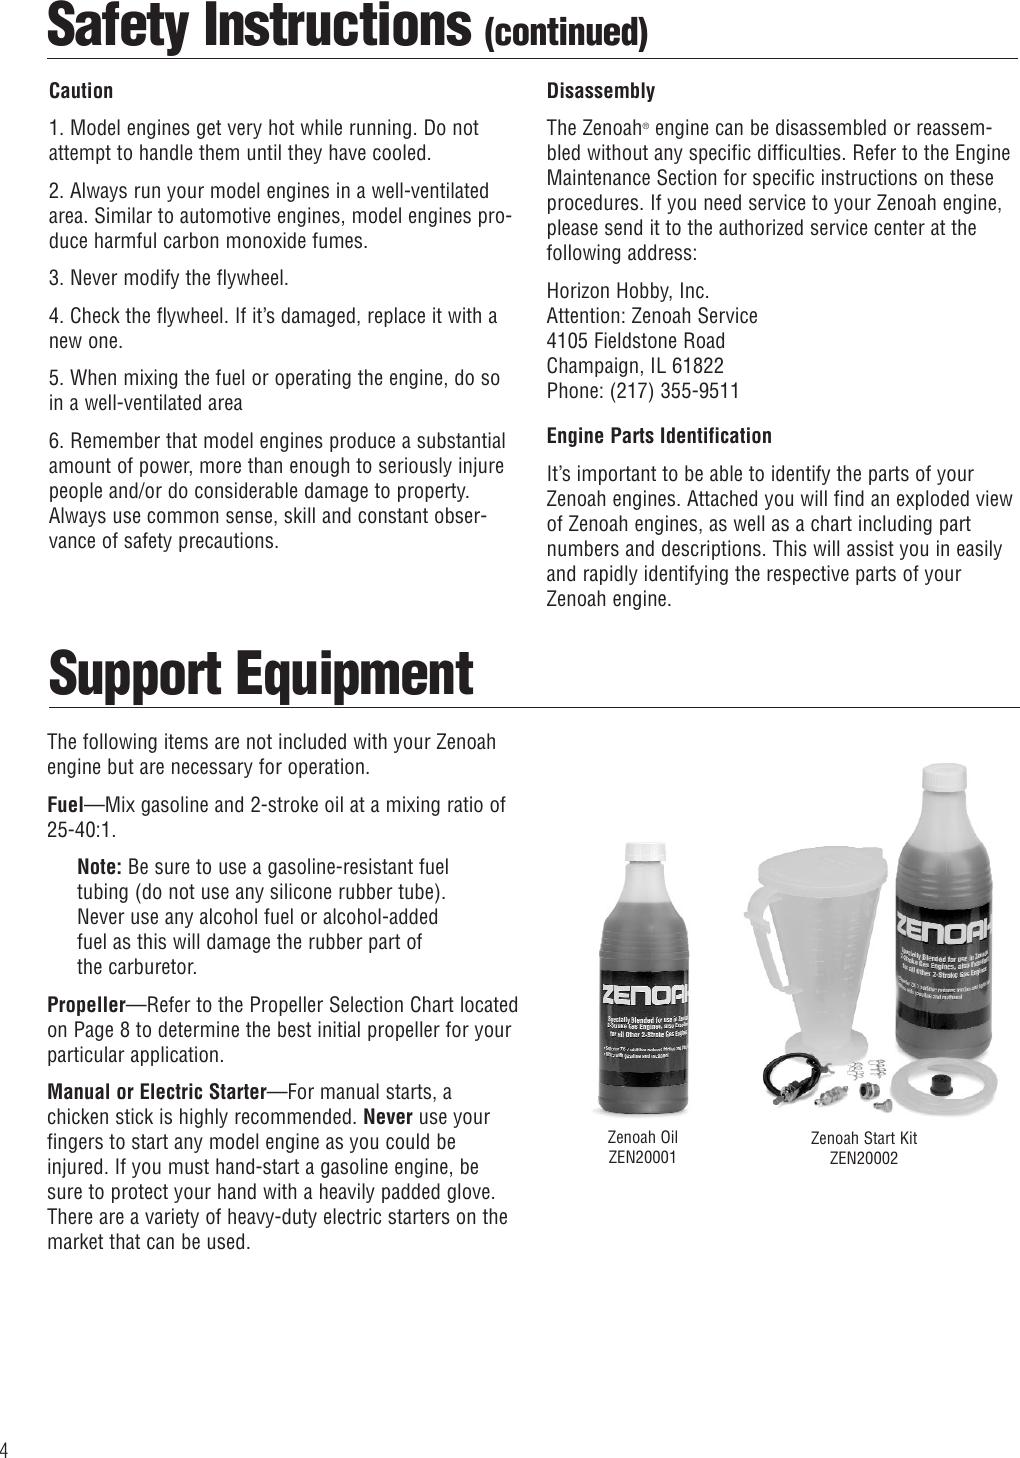 Zenoah G26 Air Users Manual 6135_Zenoah Engine